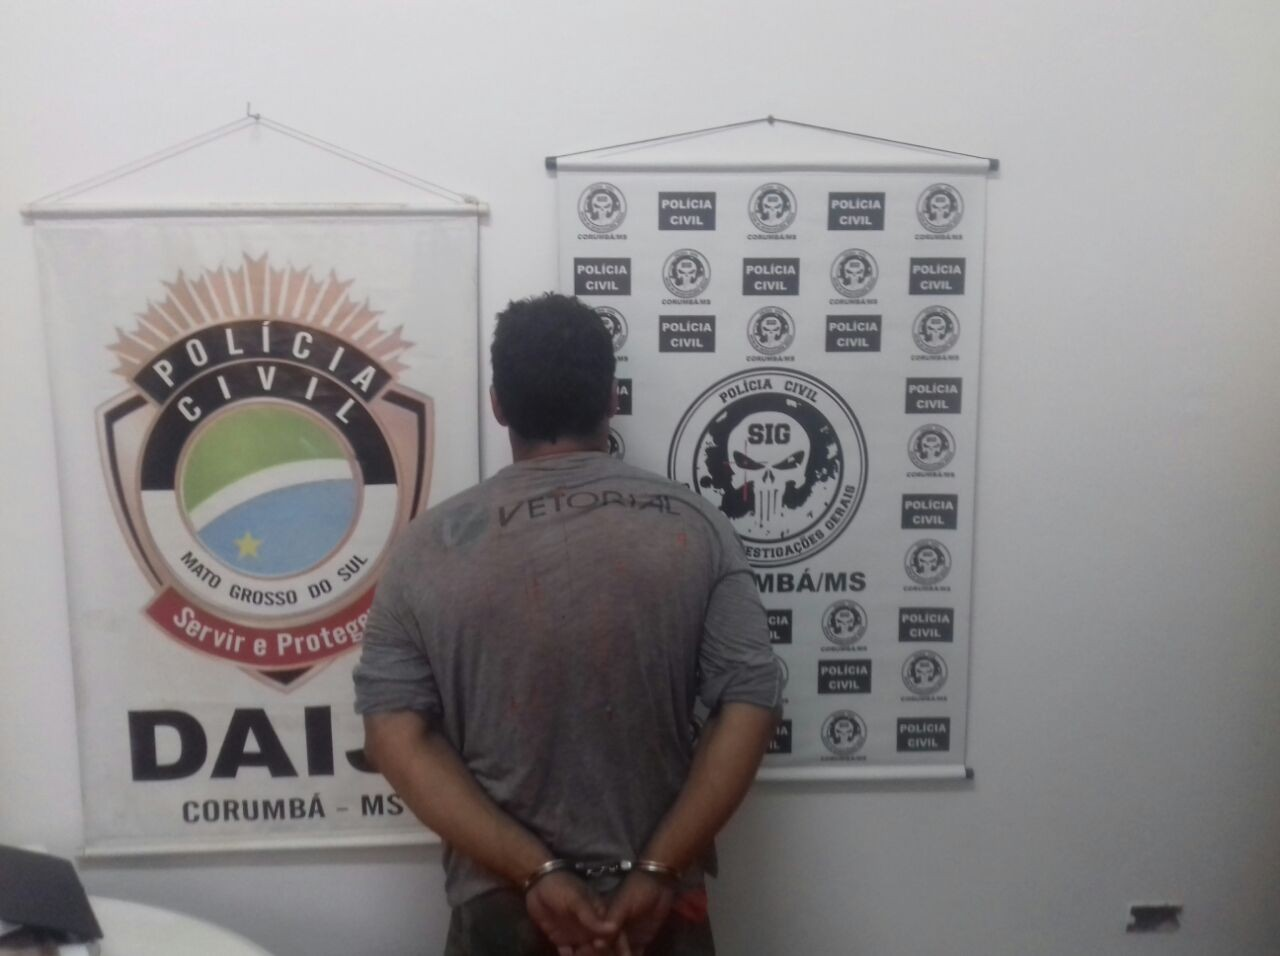 Pai é preso por suspeita de estuprar filho de 3 anos em Corumbá, MS